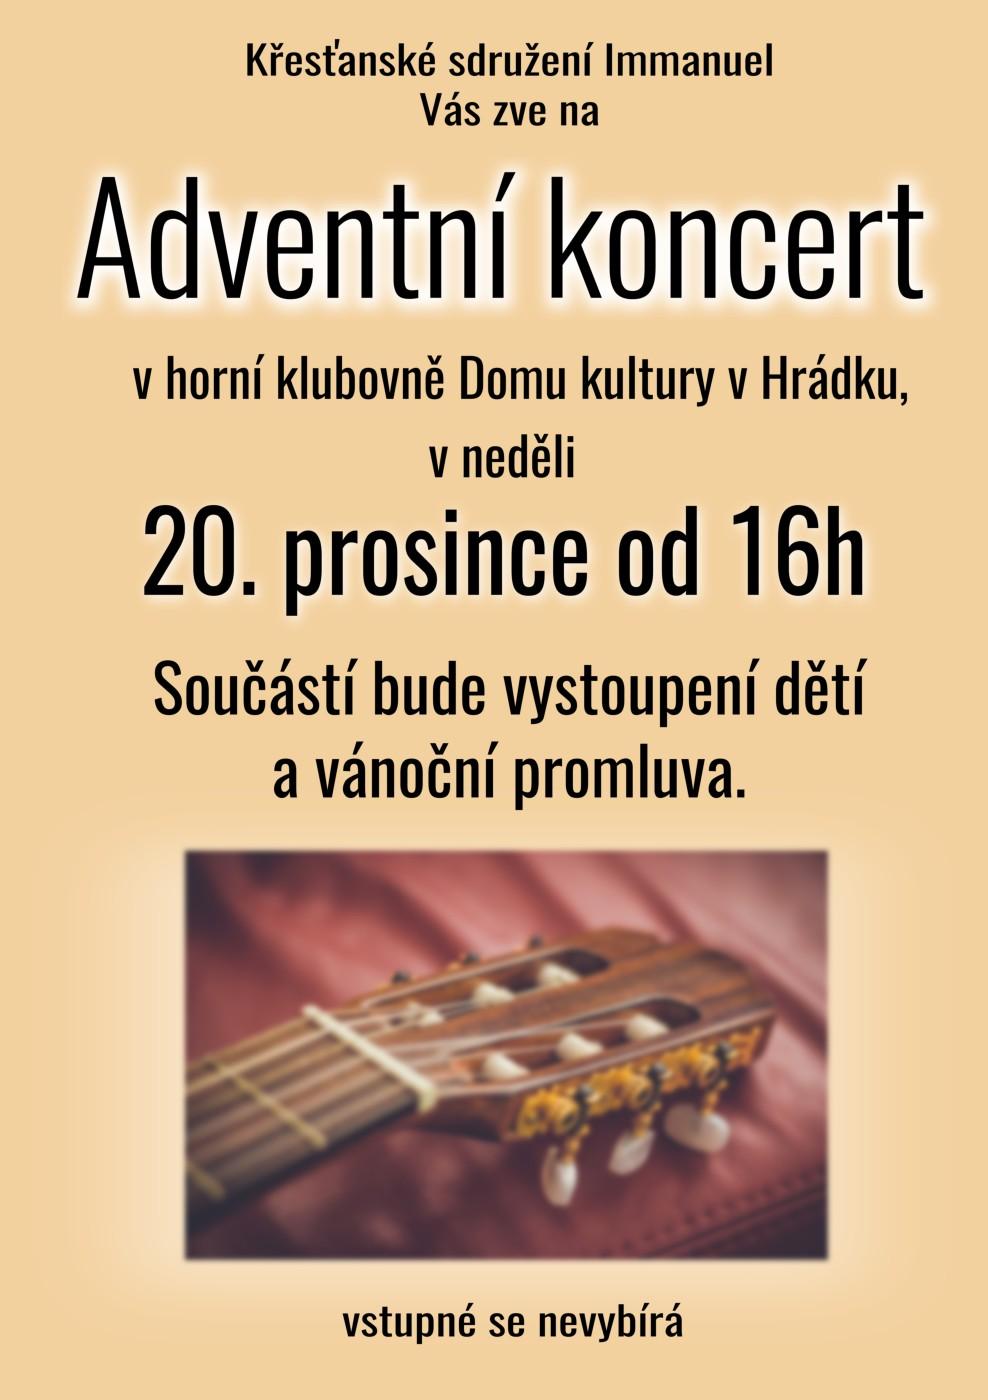 adventní_koncert_plakátek_v3_malý